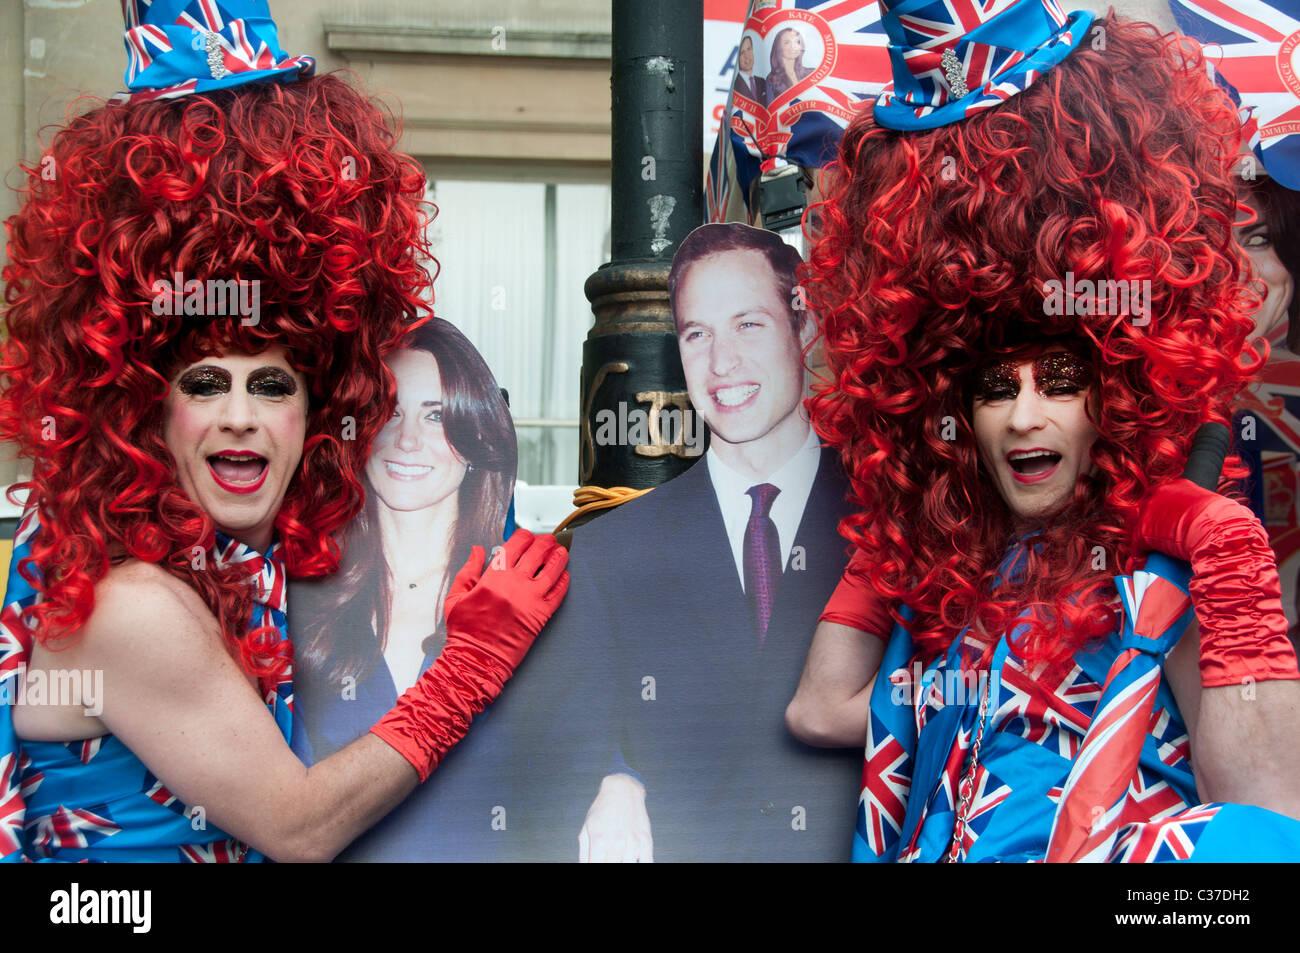 29 avril 2011 Mariage Royal. La grande loi sur les perruques faites glisser sur le dessus en costumes et découper Photo Stock